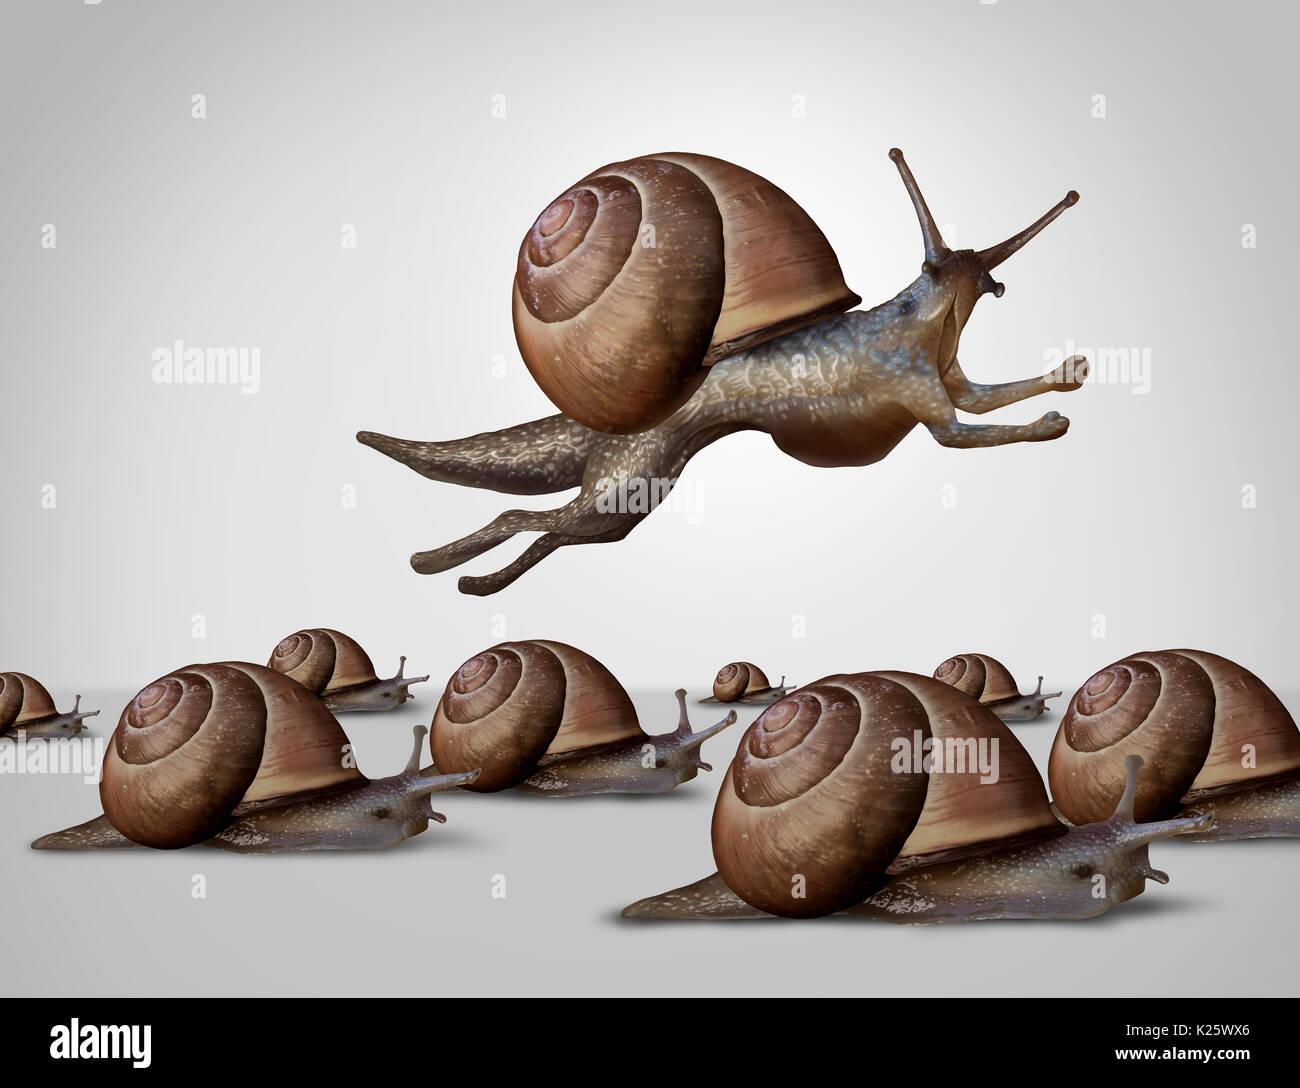 Concetto di cambiamento e modifica per meglio competere come un gruppo di lenti racing le lumache con un singolo leader veloce va a passo di lumaca con esecuzione degli arti. Immagini Stock